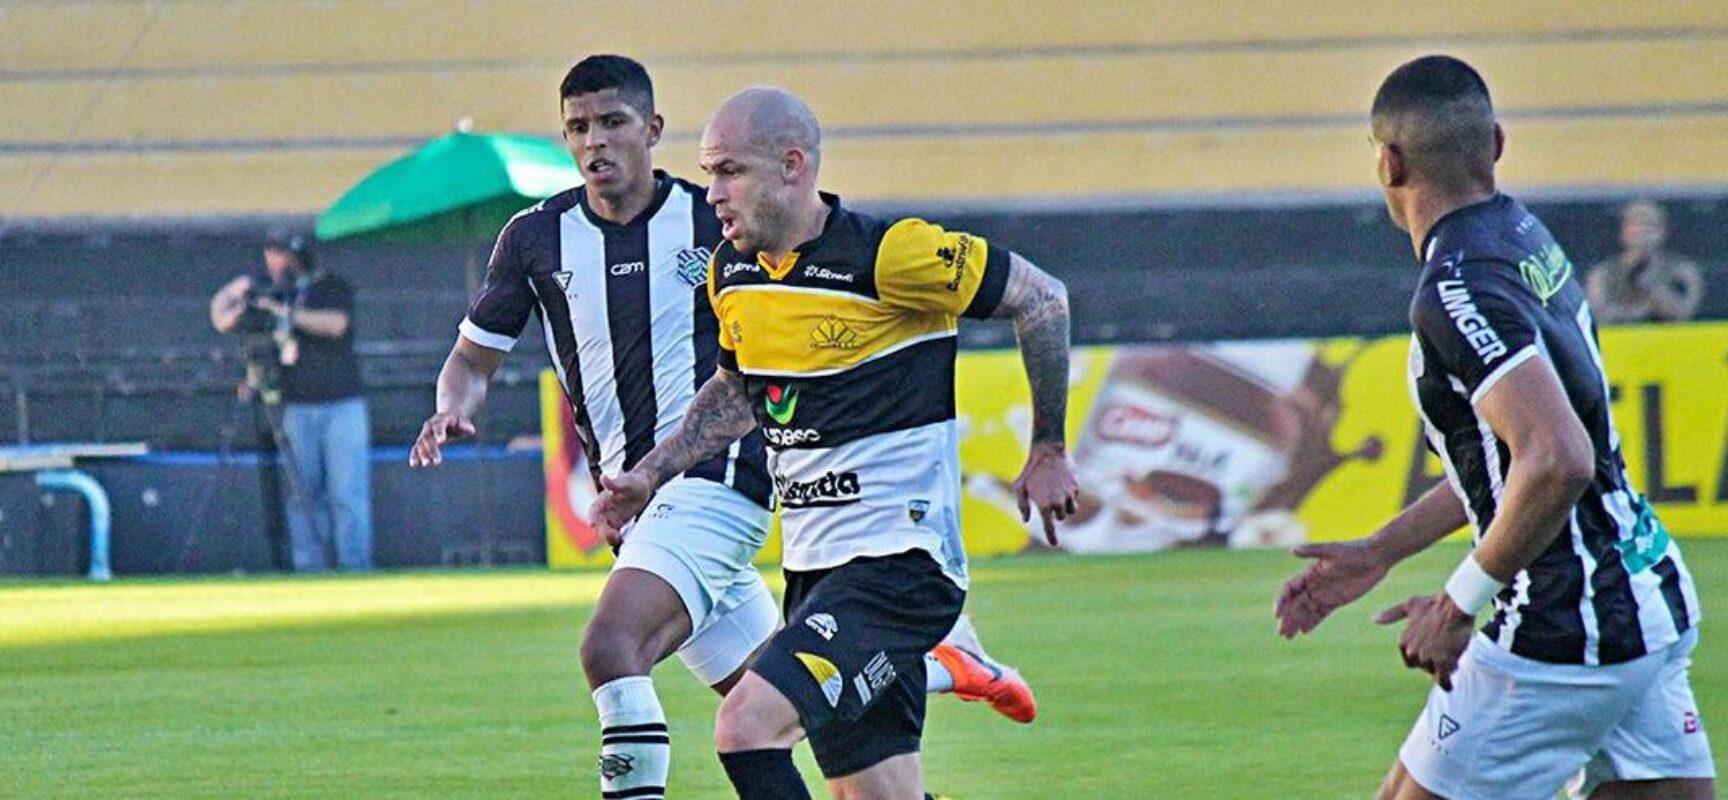 Criciúma derrota Figueirense em clássico e lidera grupo na Série C